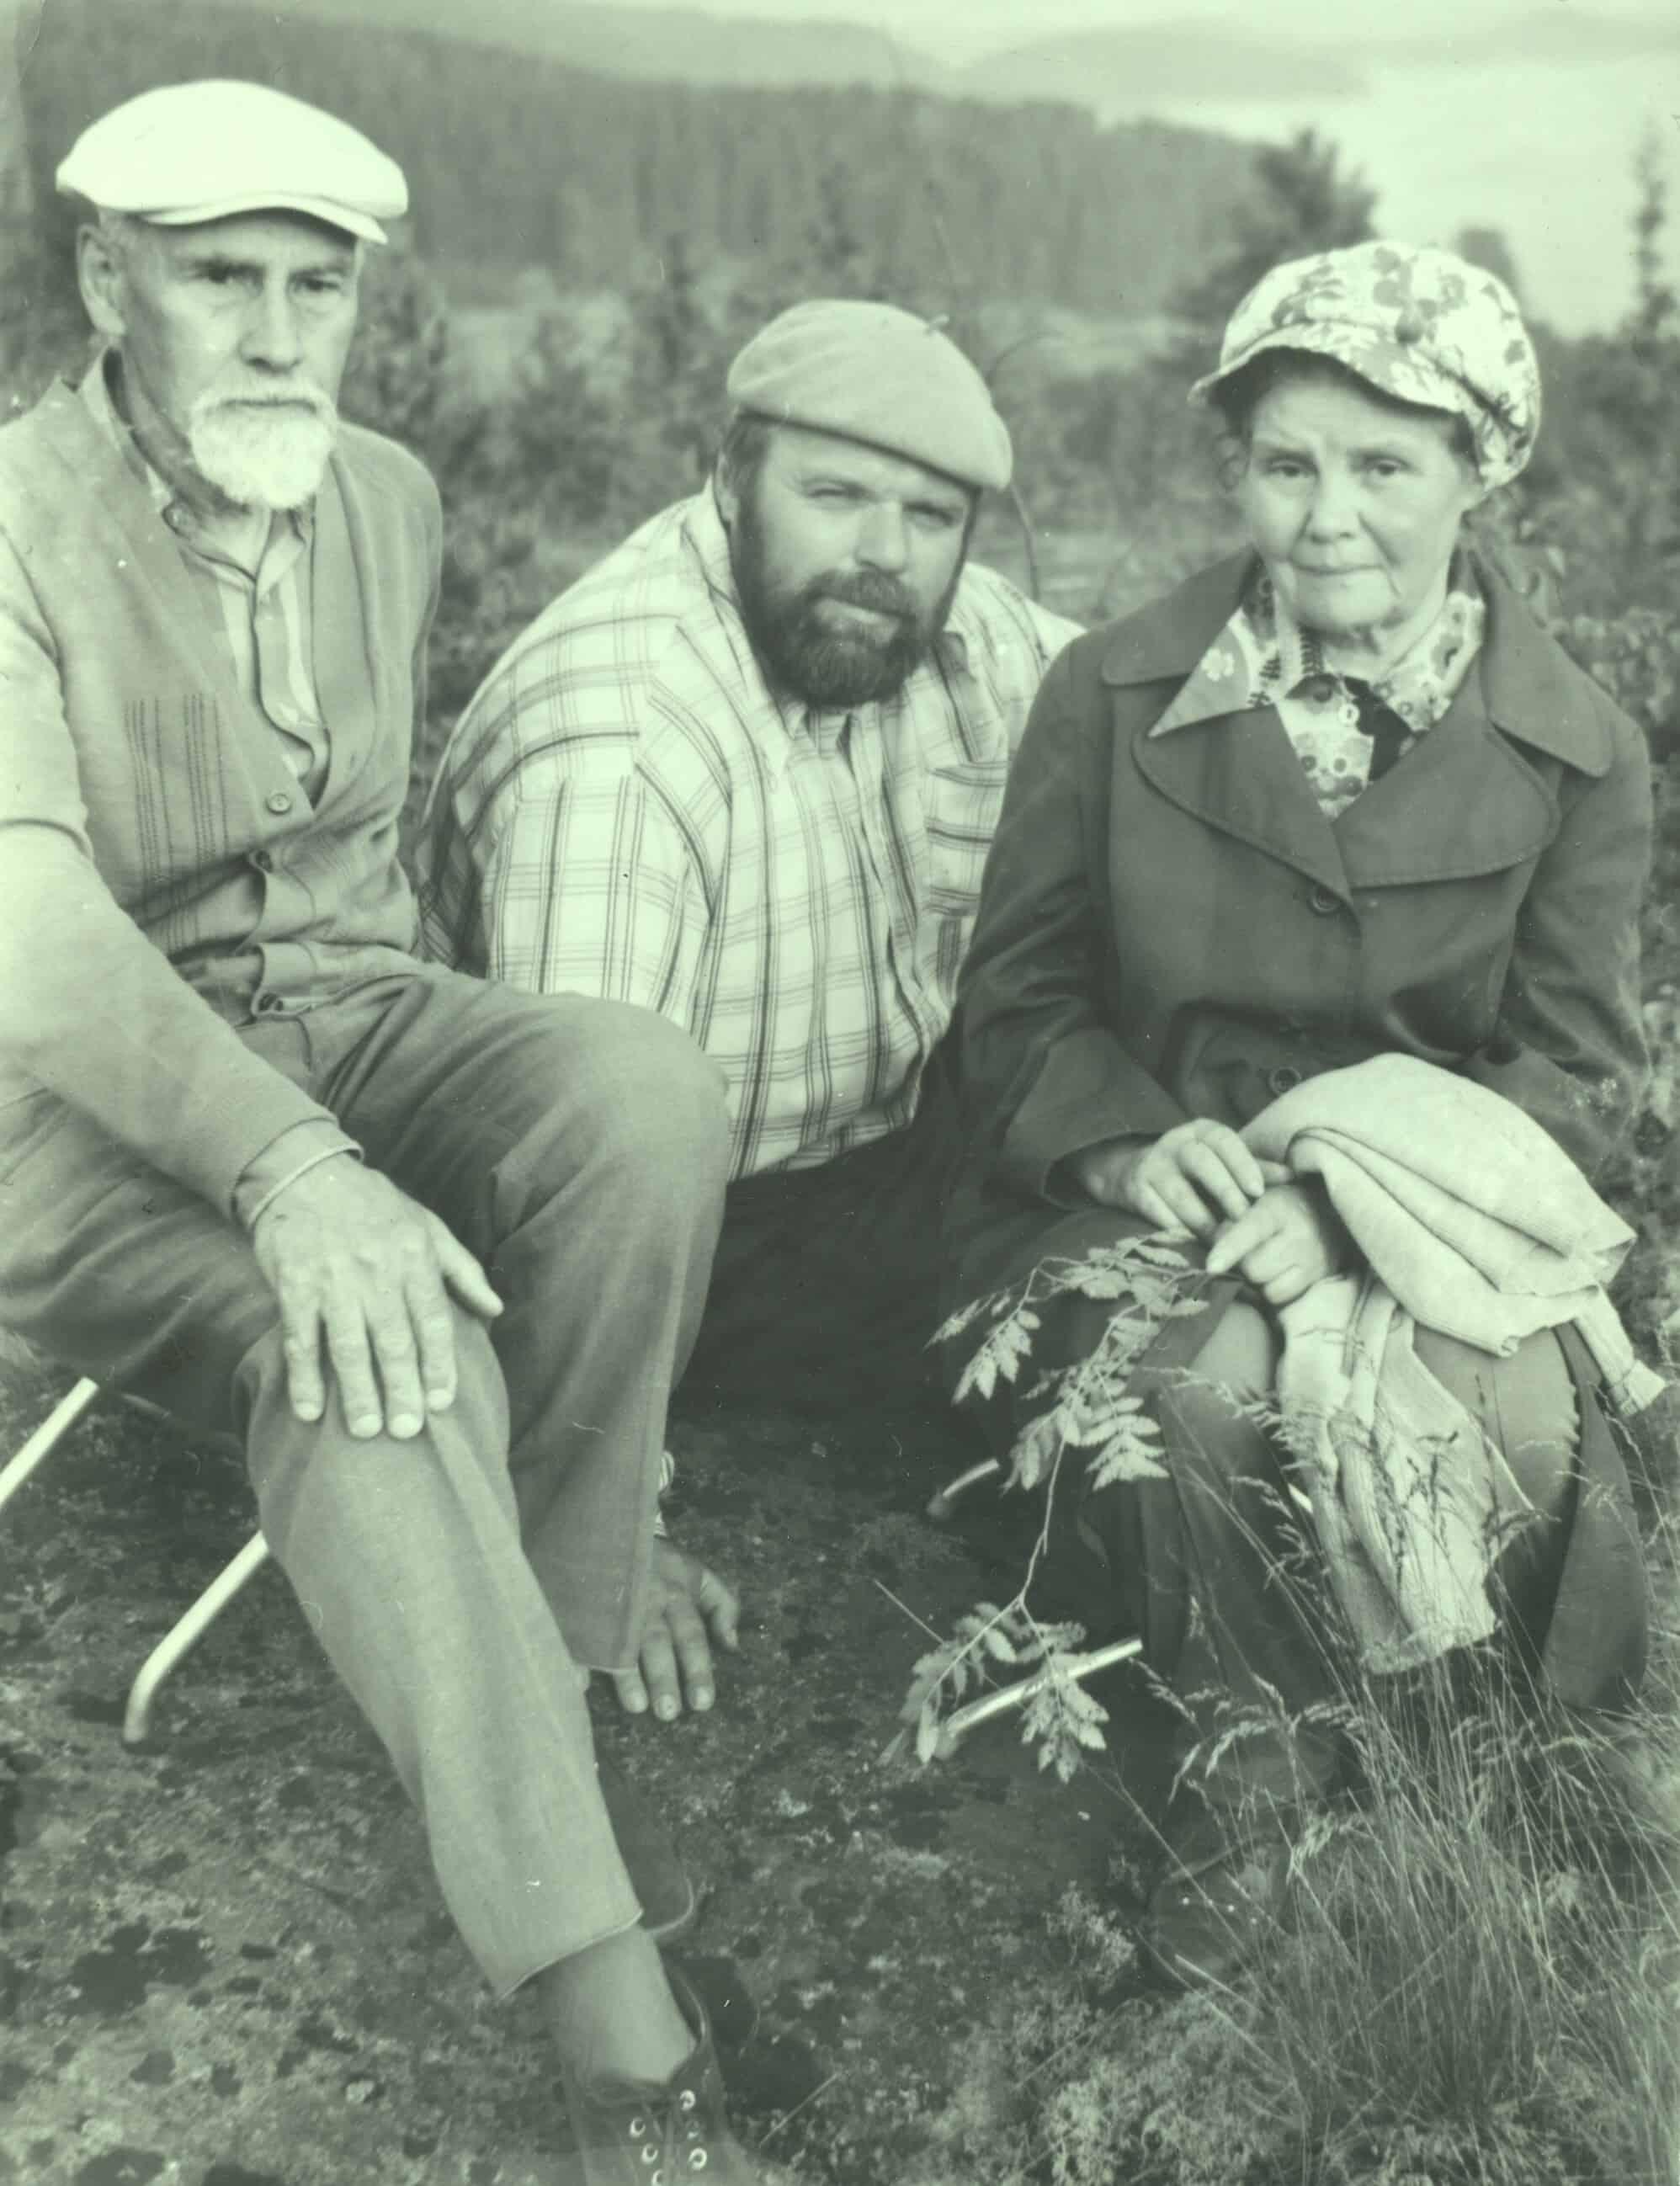 Б.А. Смирнов-Русецкий, Ю.В. Линник, жена художника. Окрестности Сортавалы (места Н.К. Рериха).1982 год. Фото Д. Москина